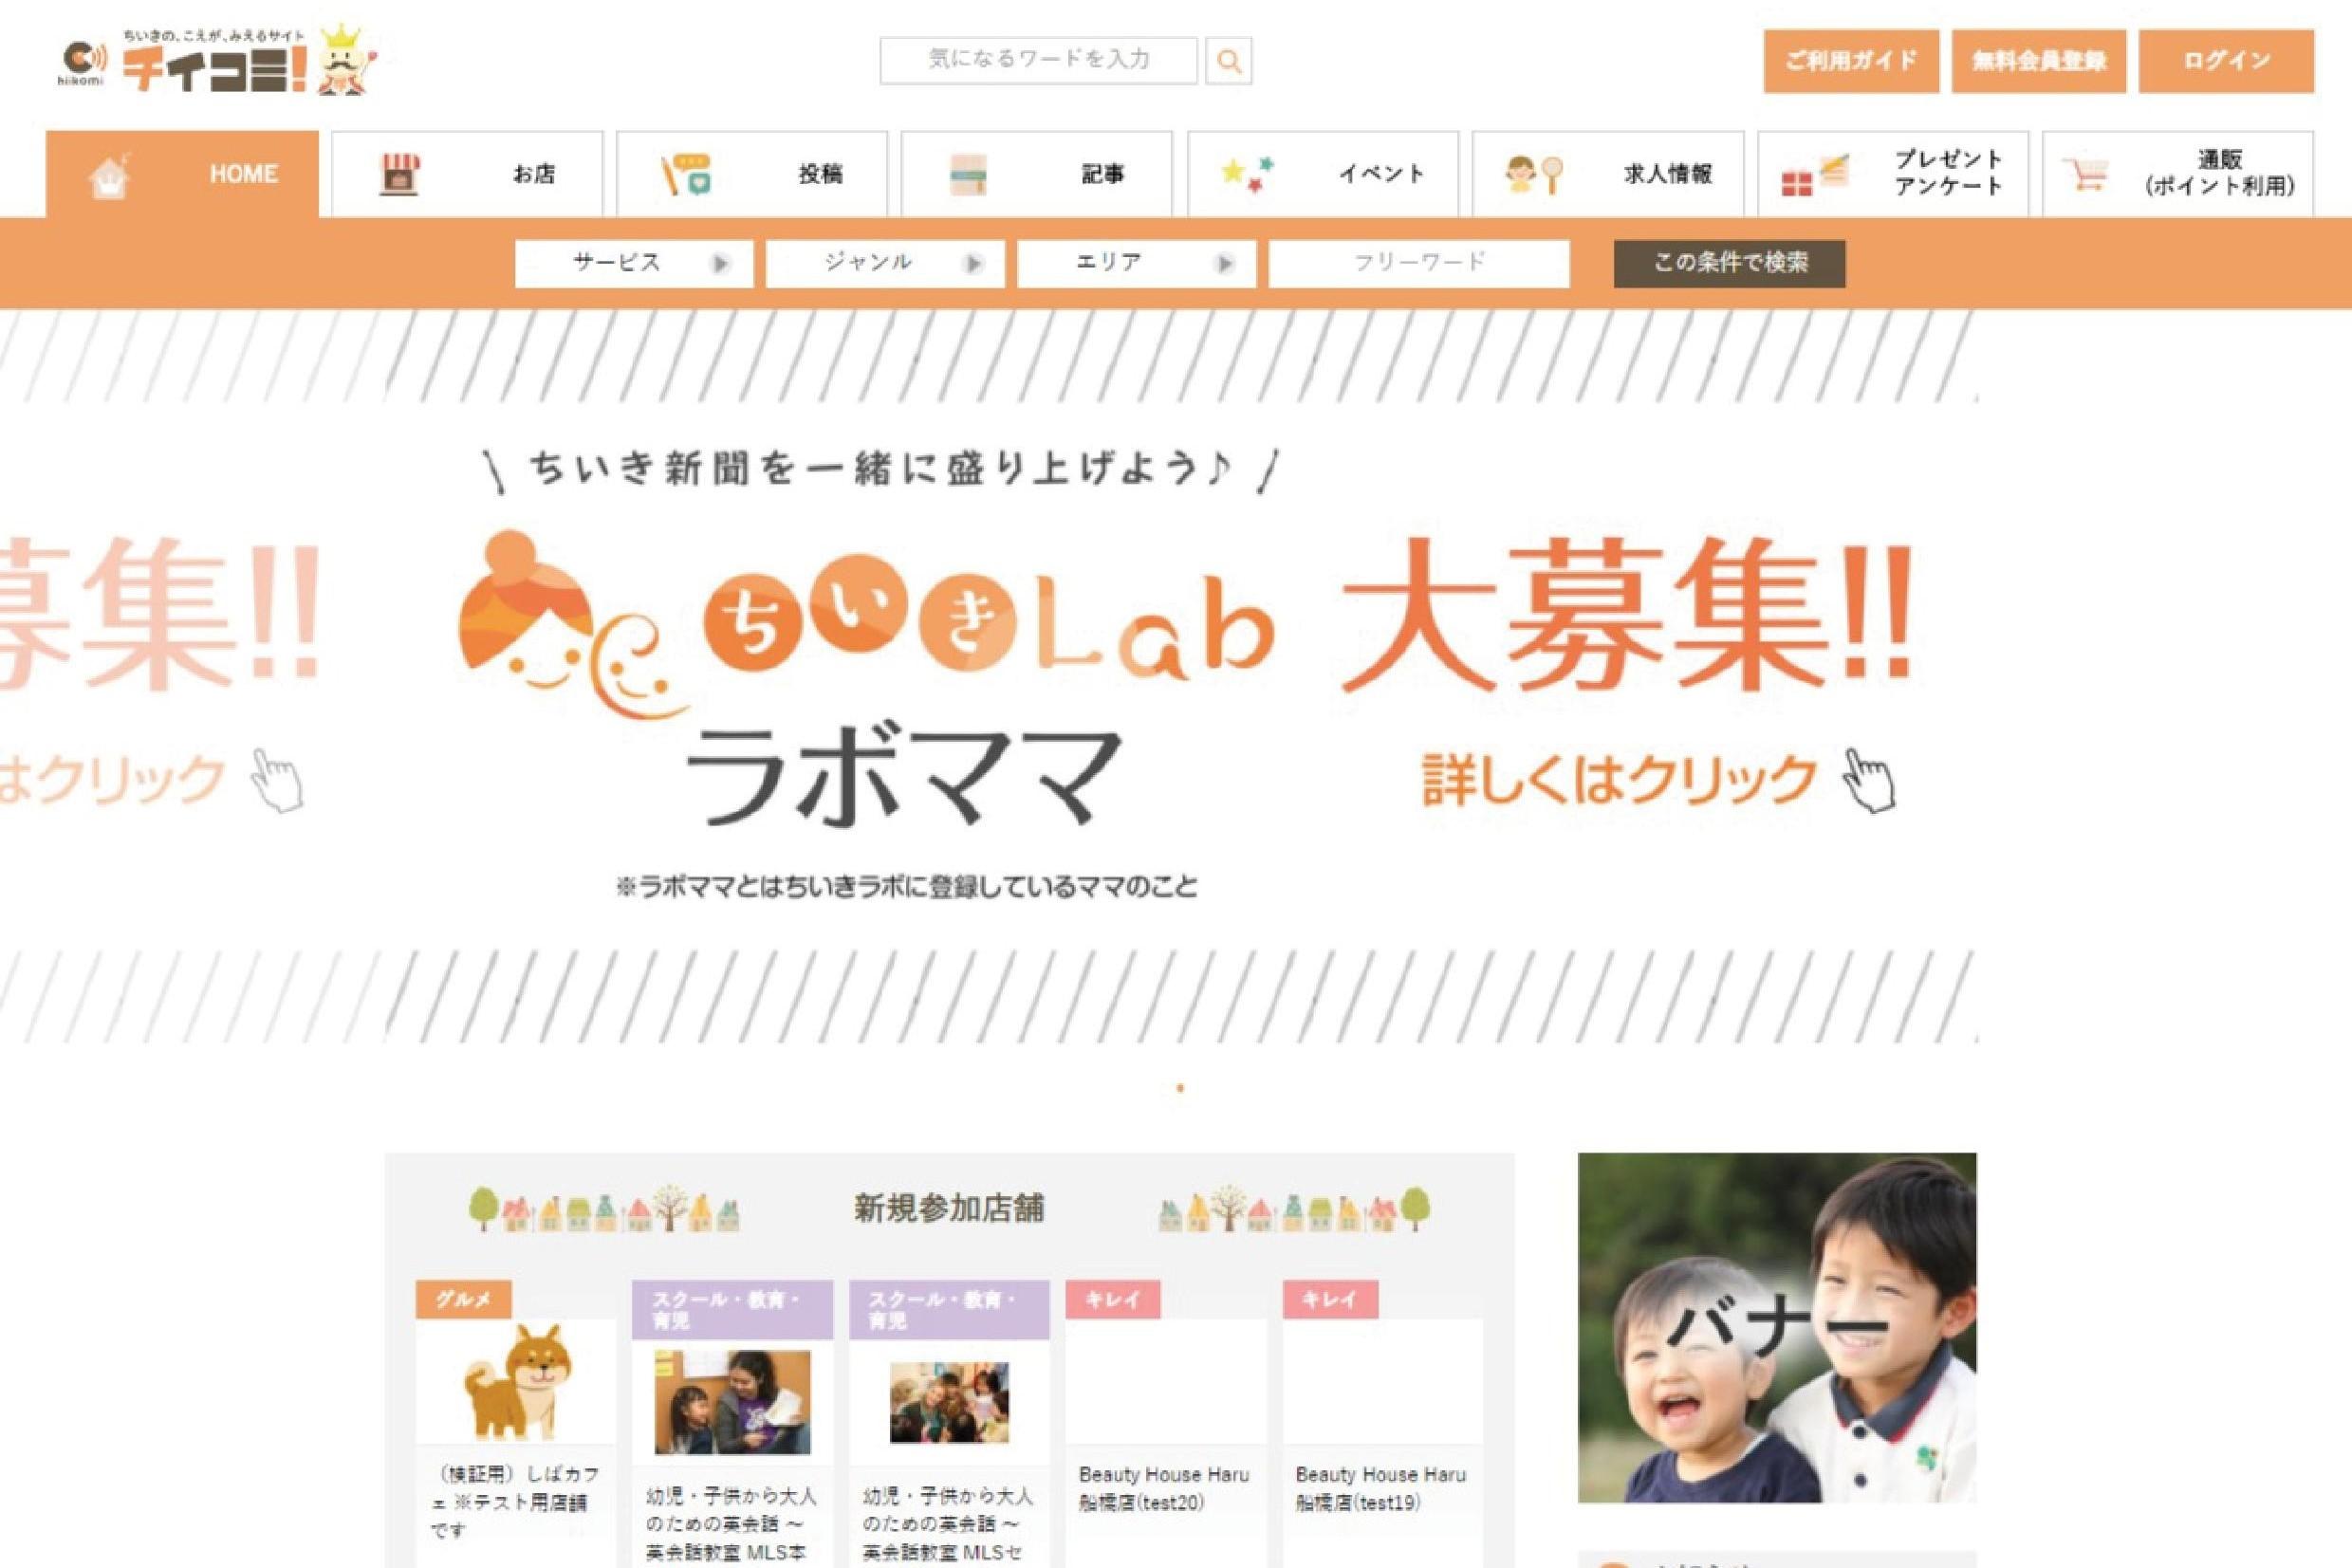 チイコミ画面イメージ